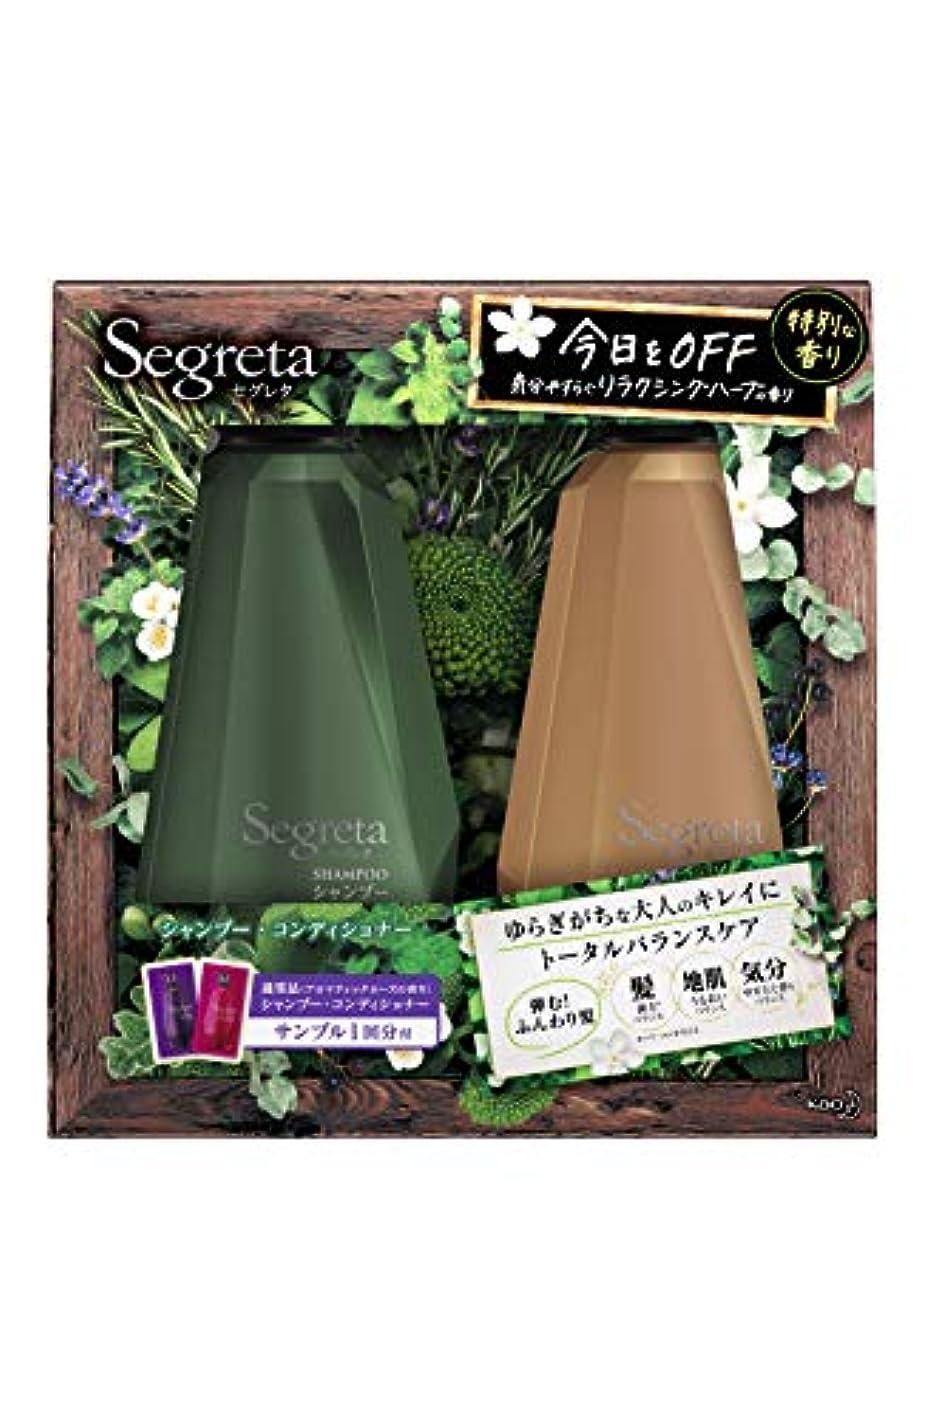 障害者みなすあたりセグレタ ポンプペア リラクシングハーブの香り (シャンプー430ml+コンディショナー430ml) セグレタアロマティックローズの香りシャンプー?コンディショナーサンプル1回分付き